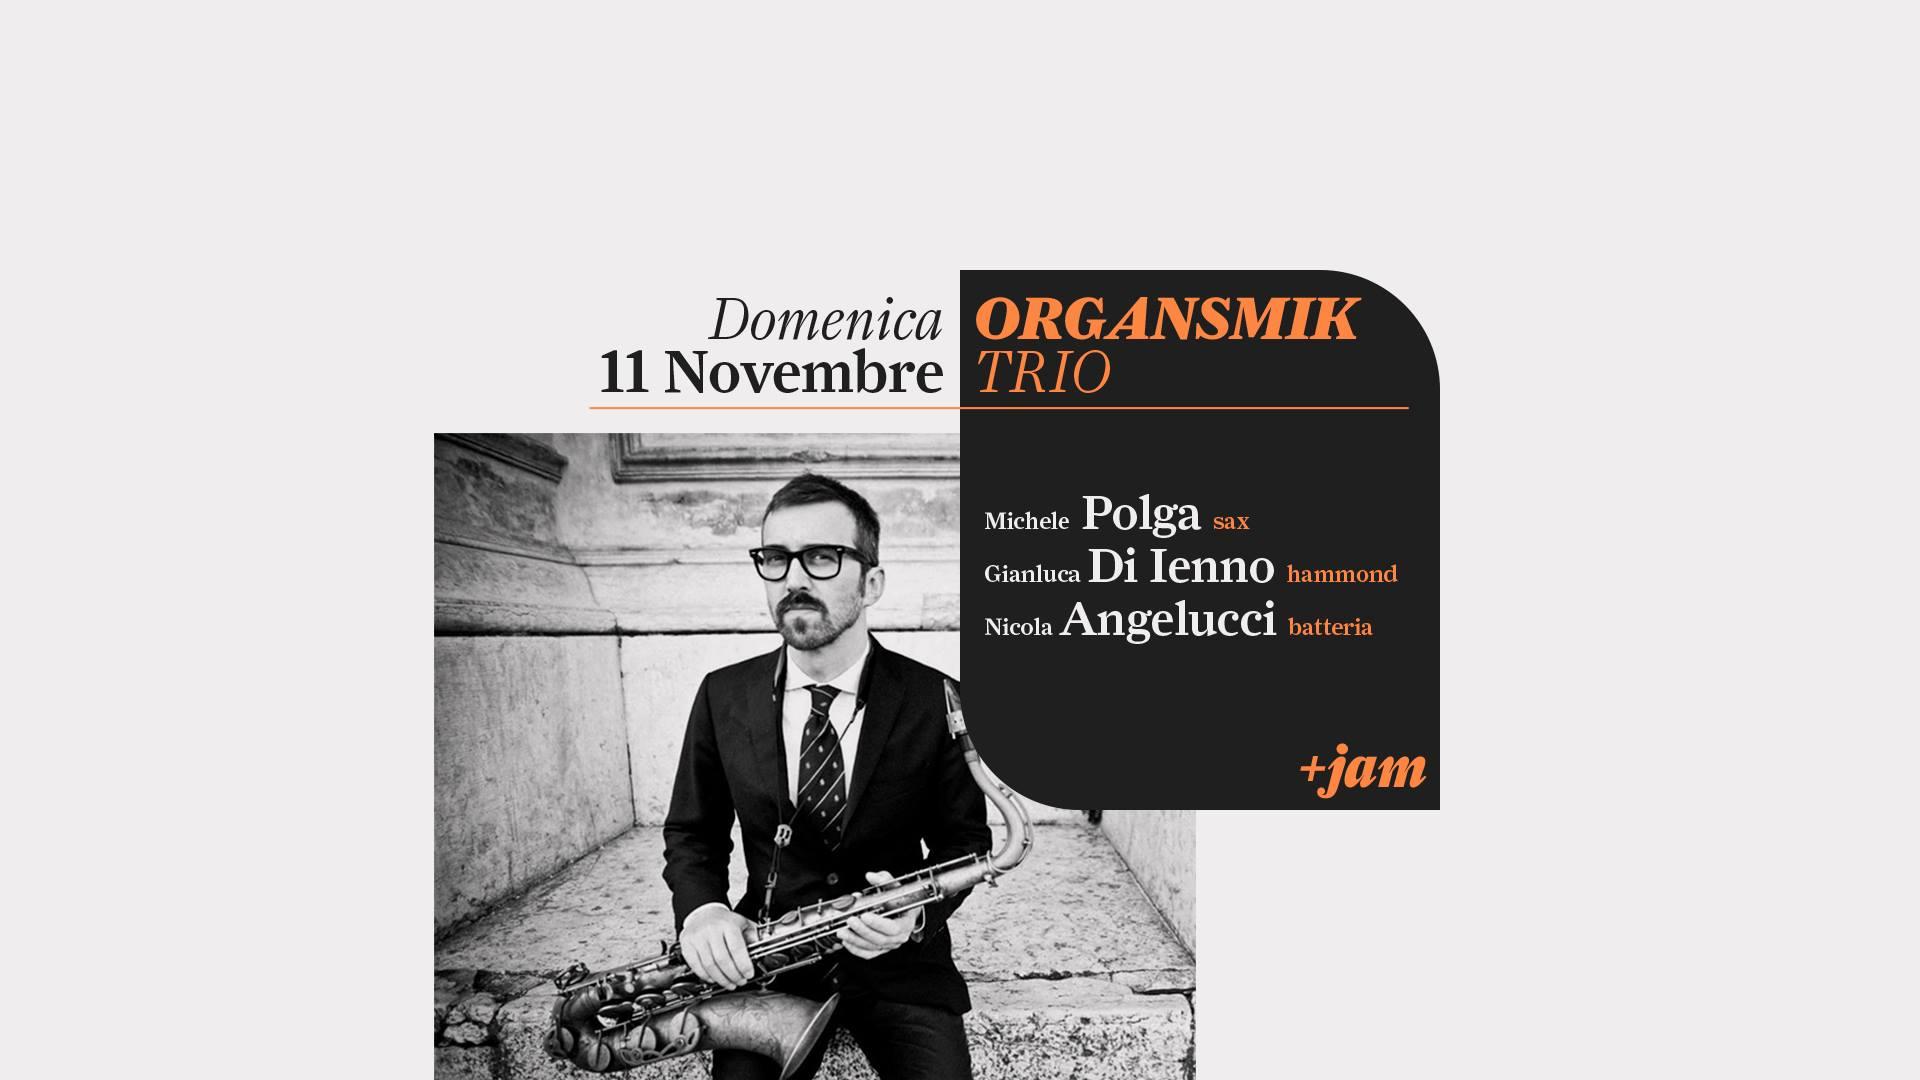 Foto 11 Novembre – Jazz al Vega